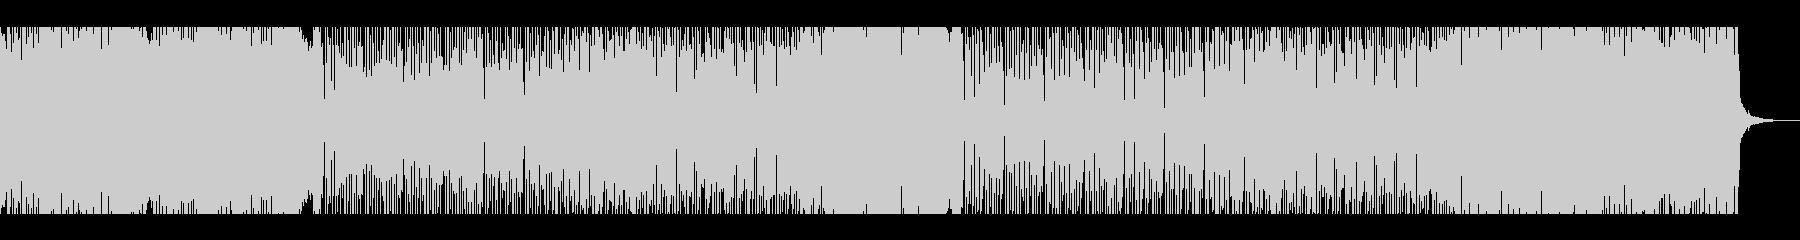 カラッと元気なハードロックの未再生の波形